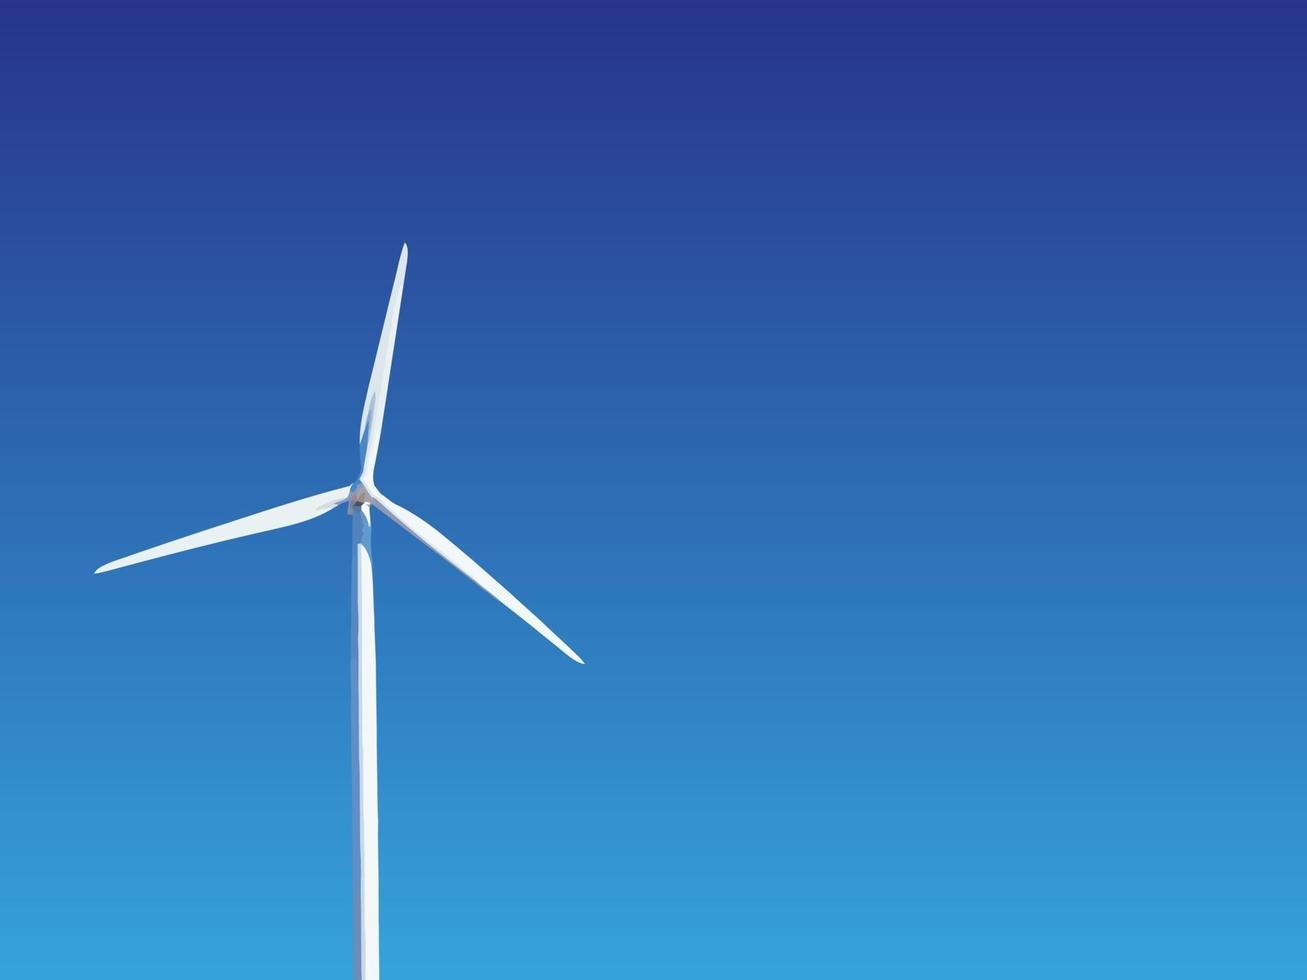 éolienne contre le ciel. production d'énergie respectueuse de l'environnement. vecteur